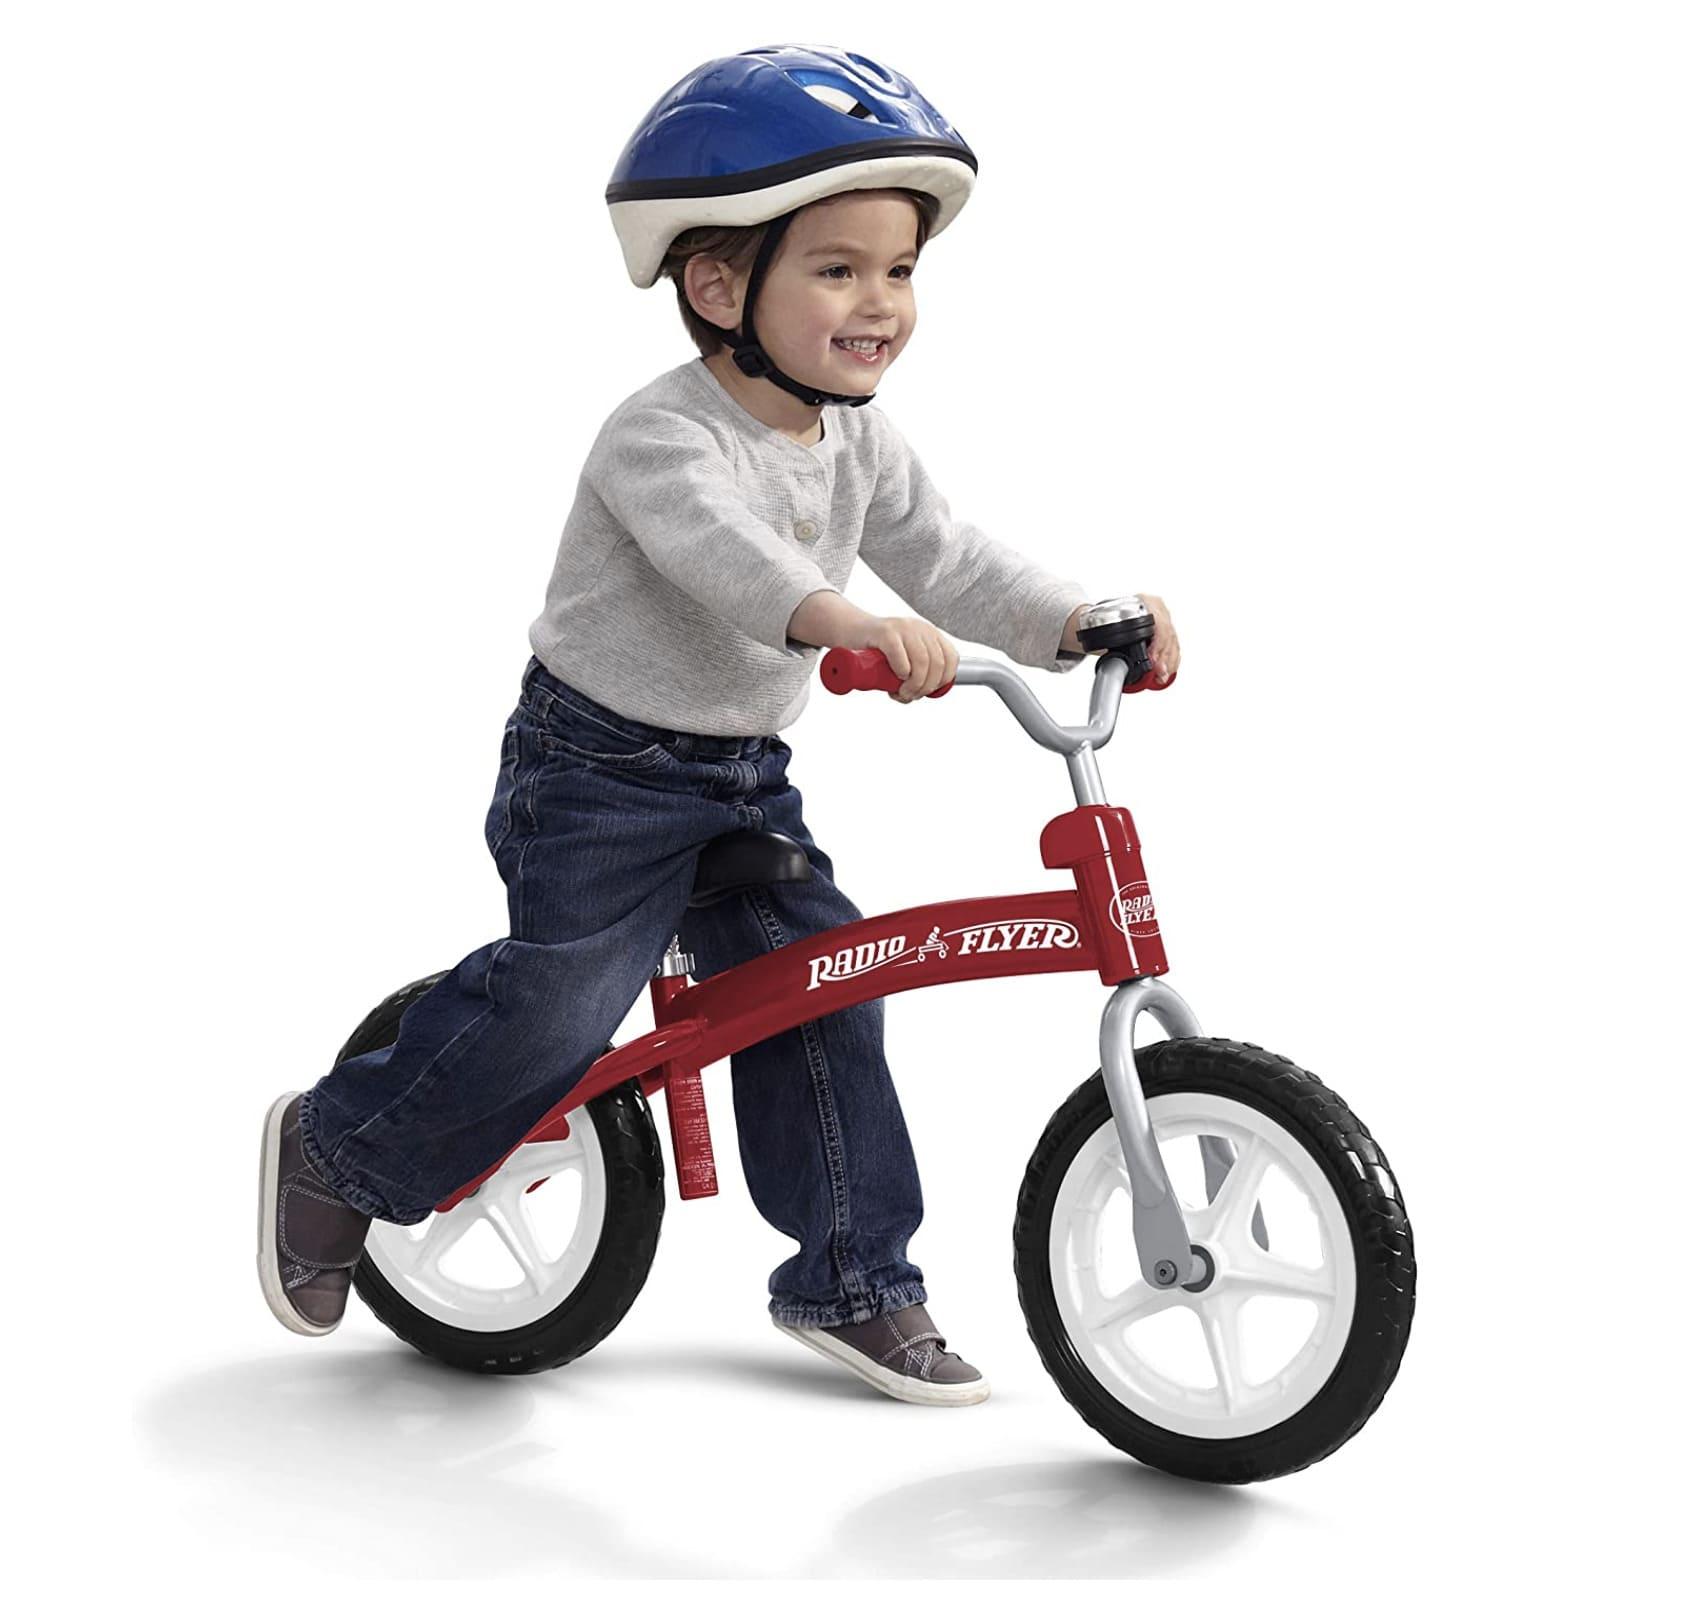 Niño llevando su bicicleta de equilibrio Radio Flyer